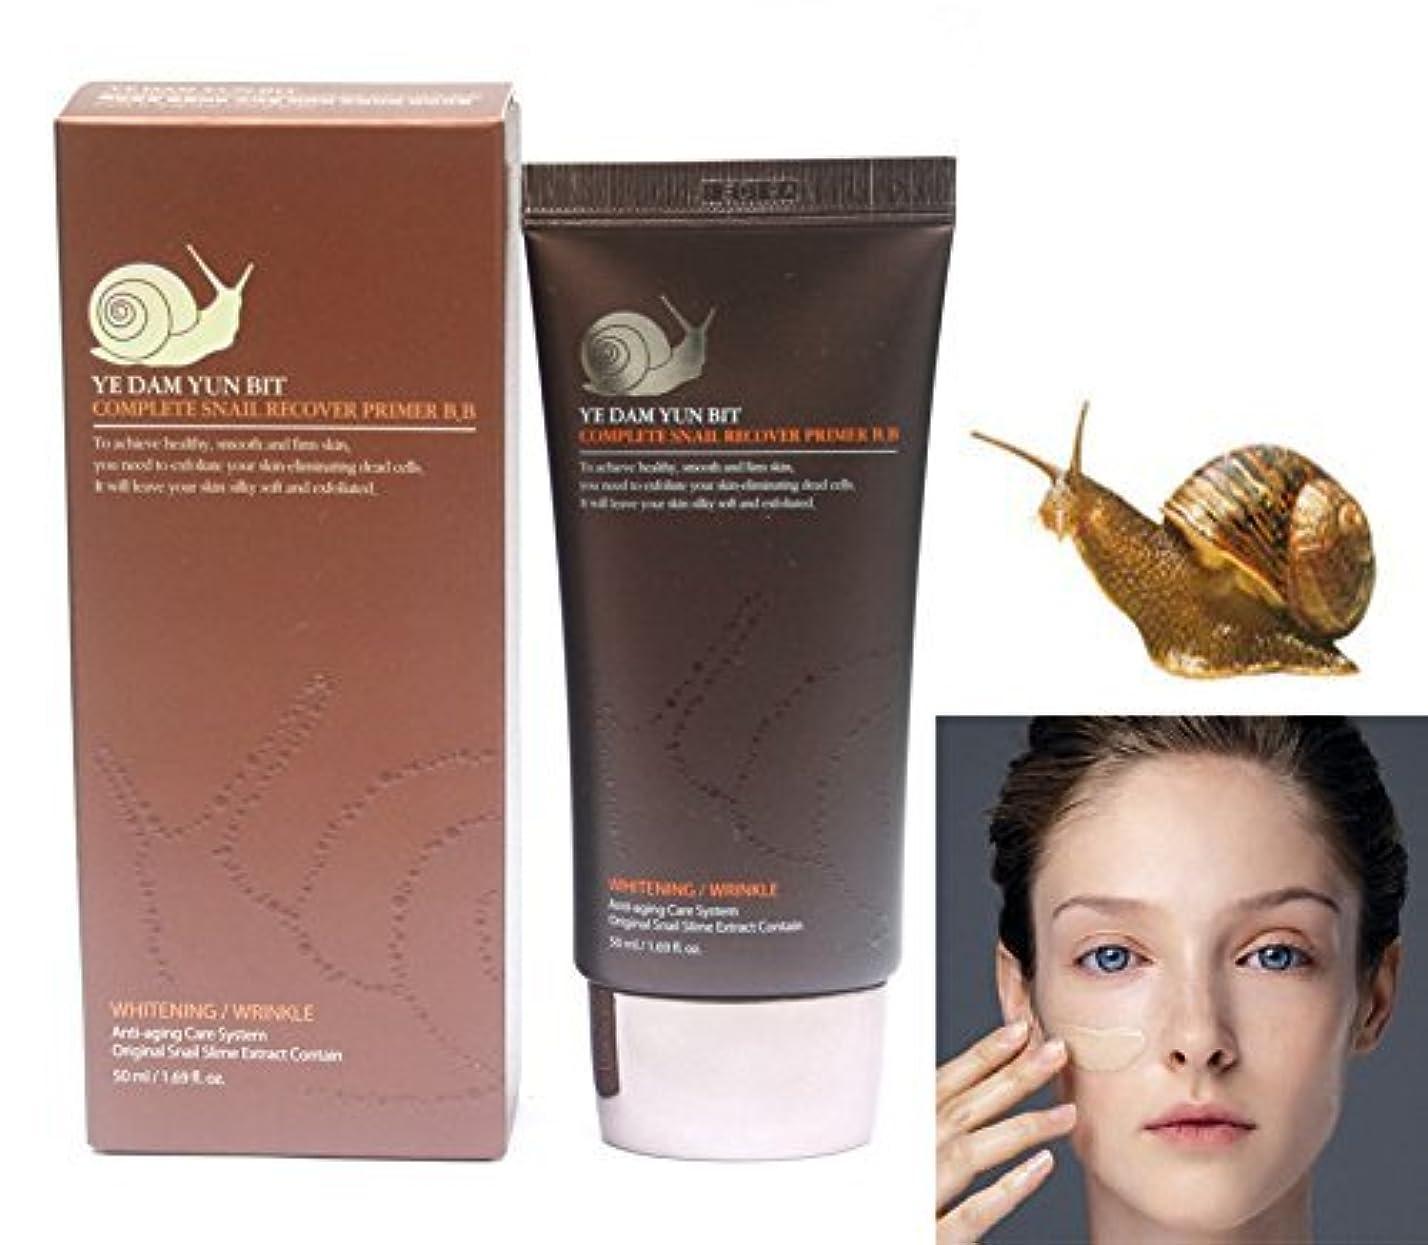 銃追い越すスペア[YEDAM YUNBIT] 完全なカタツムリ?リカバリー?プライマーBB 50ml /韓国化粧品 / Complete Snail Recover Primer BB 50ml / Korean Cosmetics (3EA) [並行輸入品]